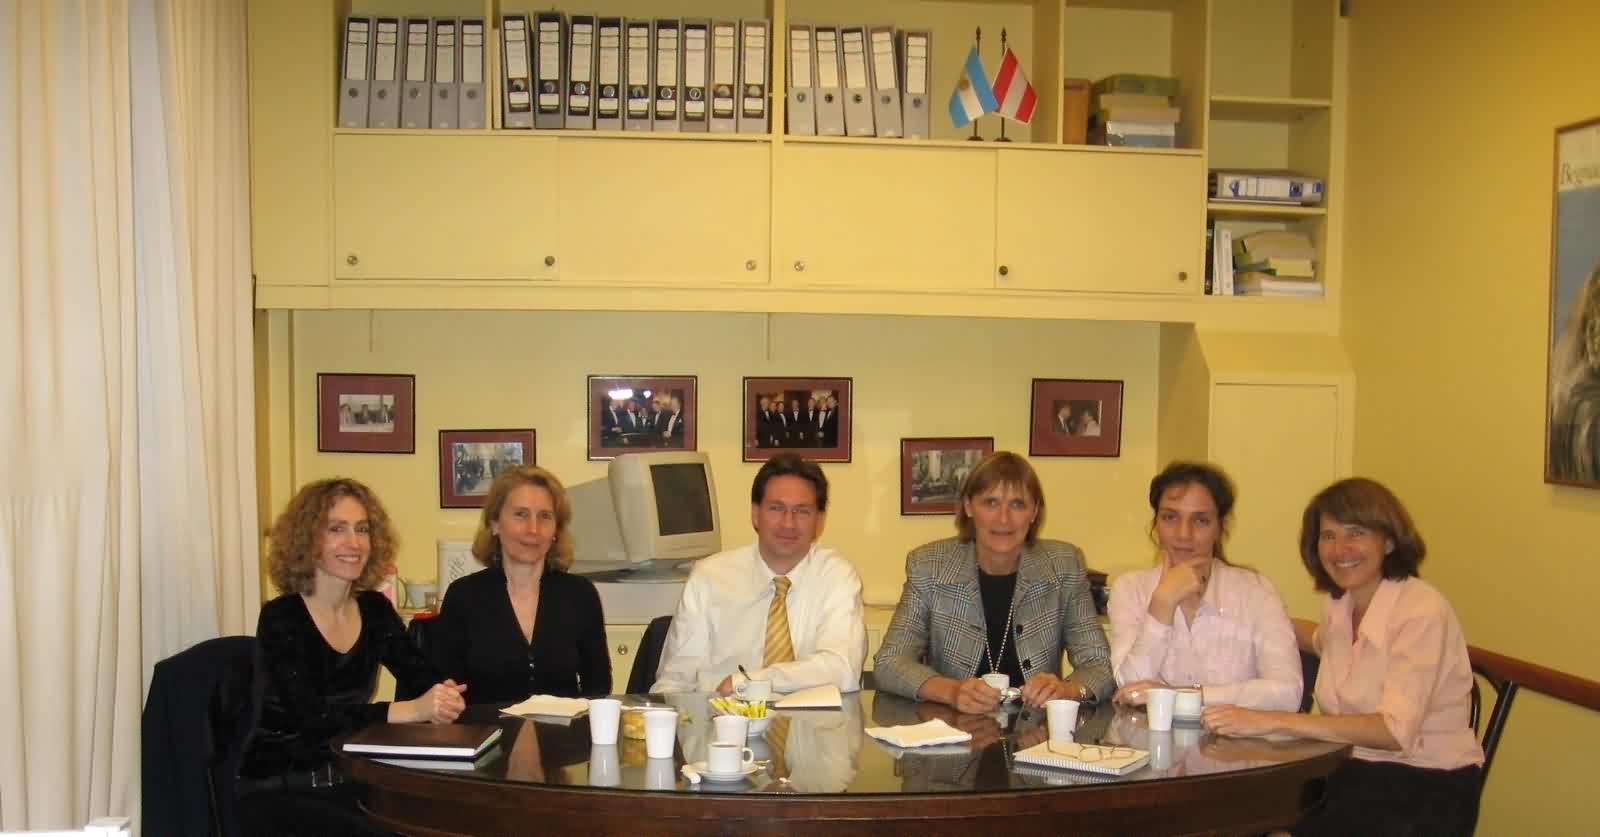 2010 Reunión de gerentes de Intercámaras en la sede de la CCAA